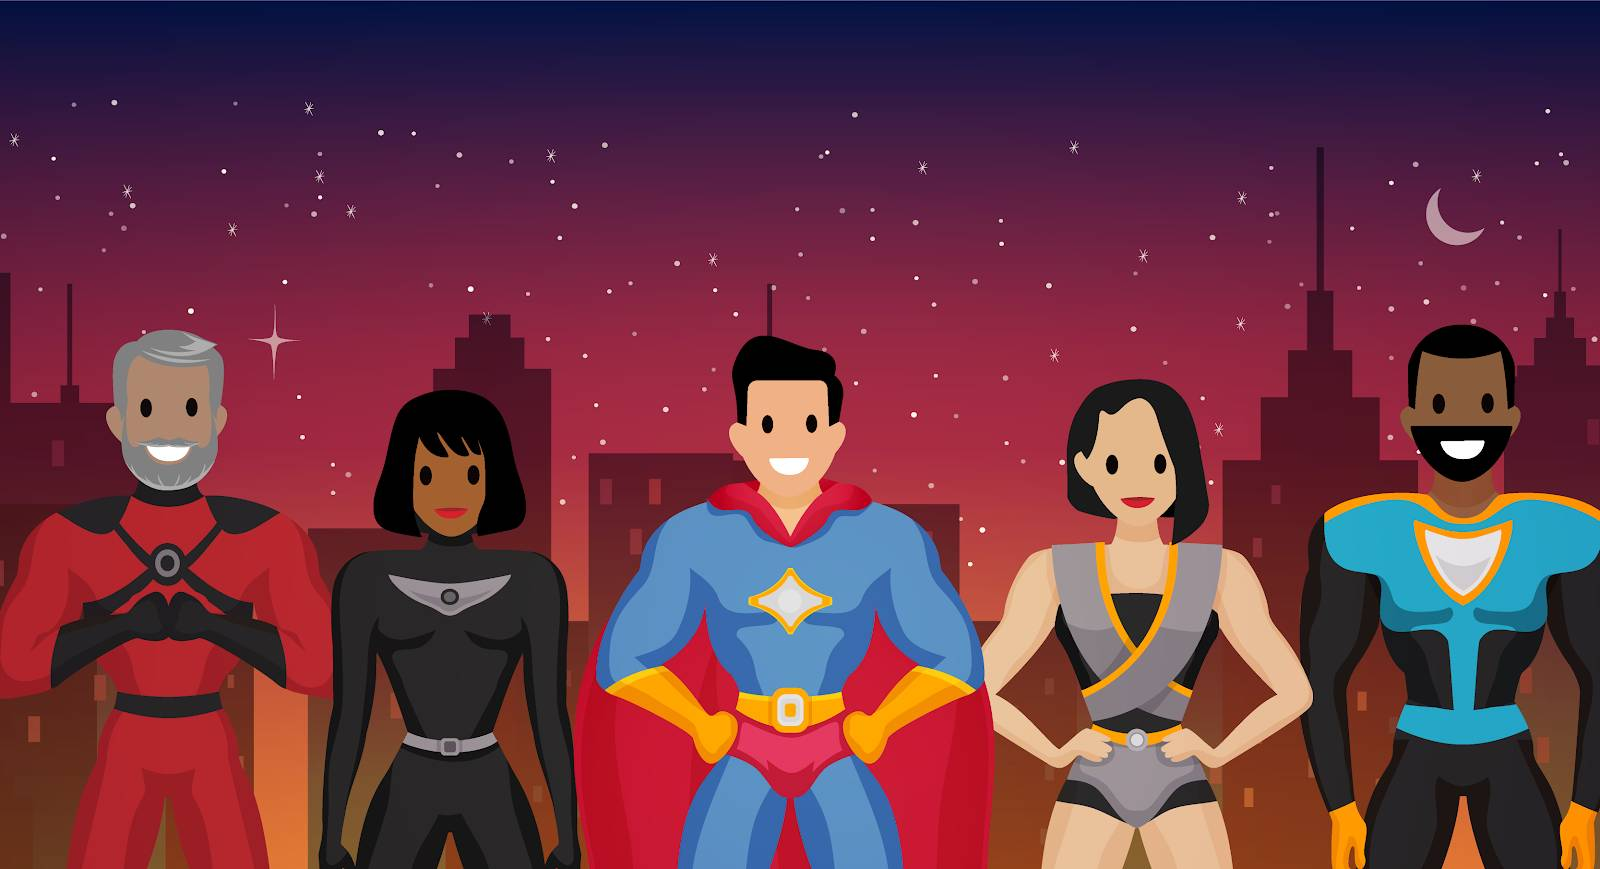 Salesforce customers depicted as superheroes